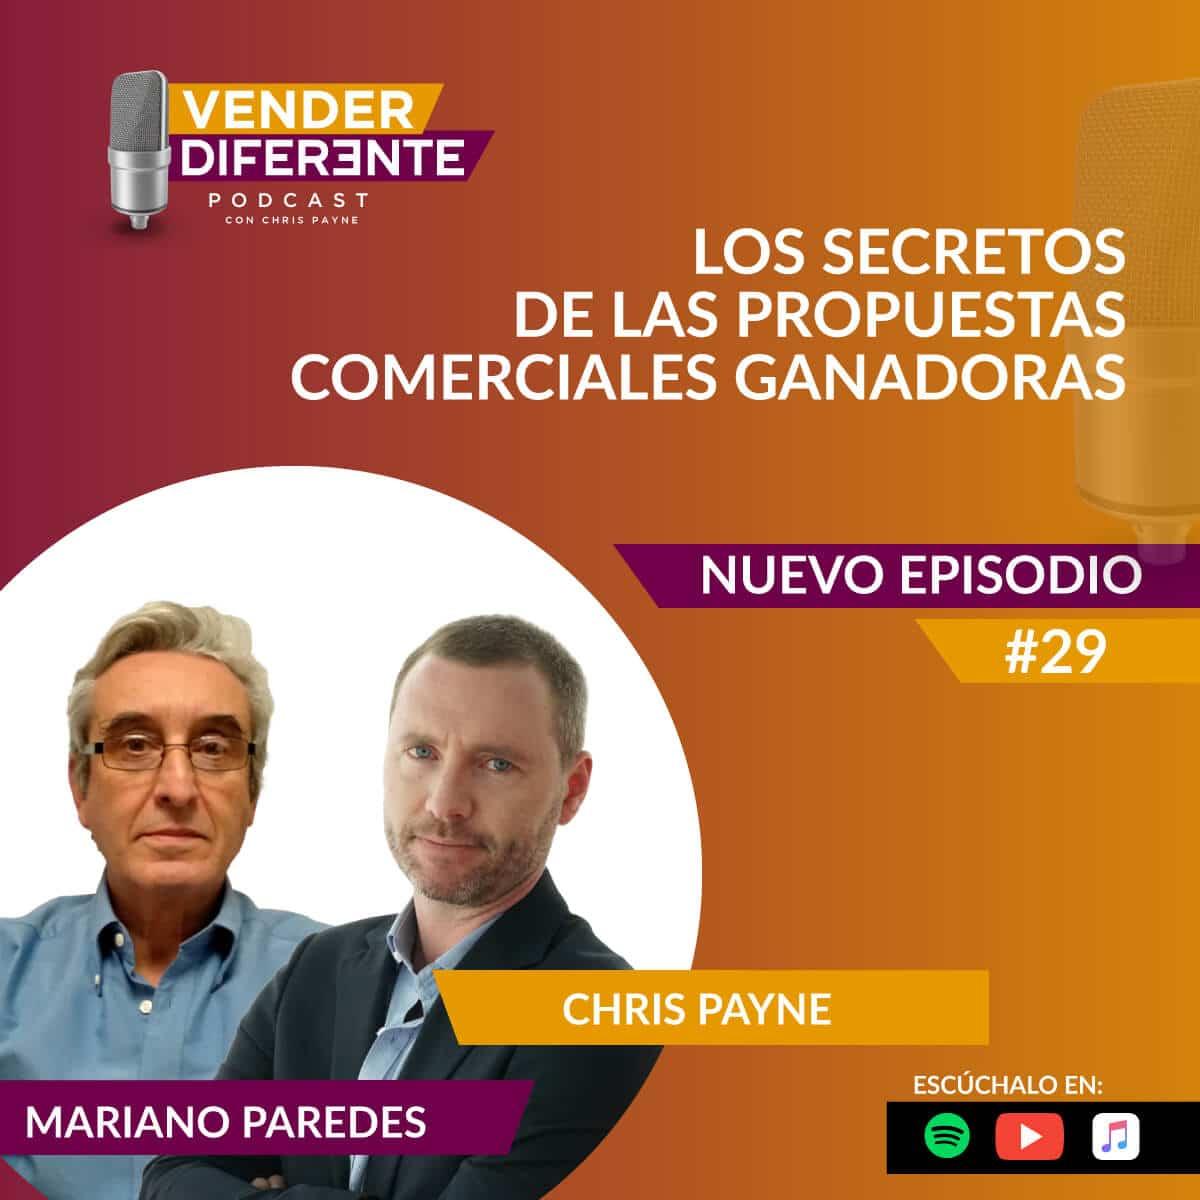 Episodio #029 – Los secretos de las propuestas comerciales ganadoras con Mariano Paredes